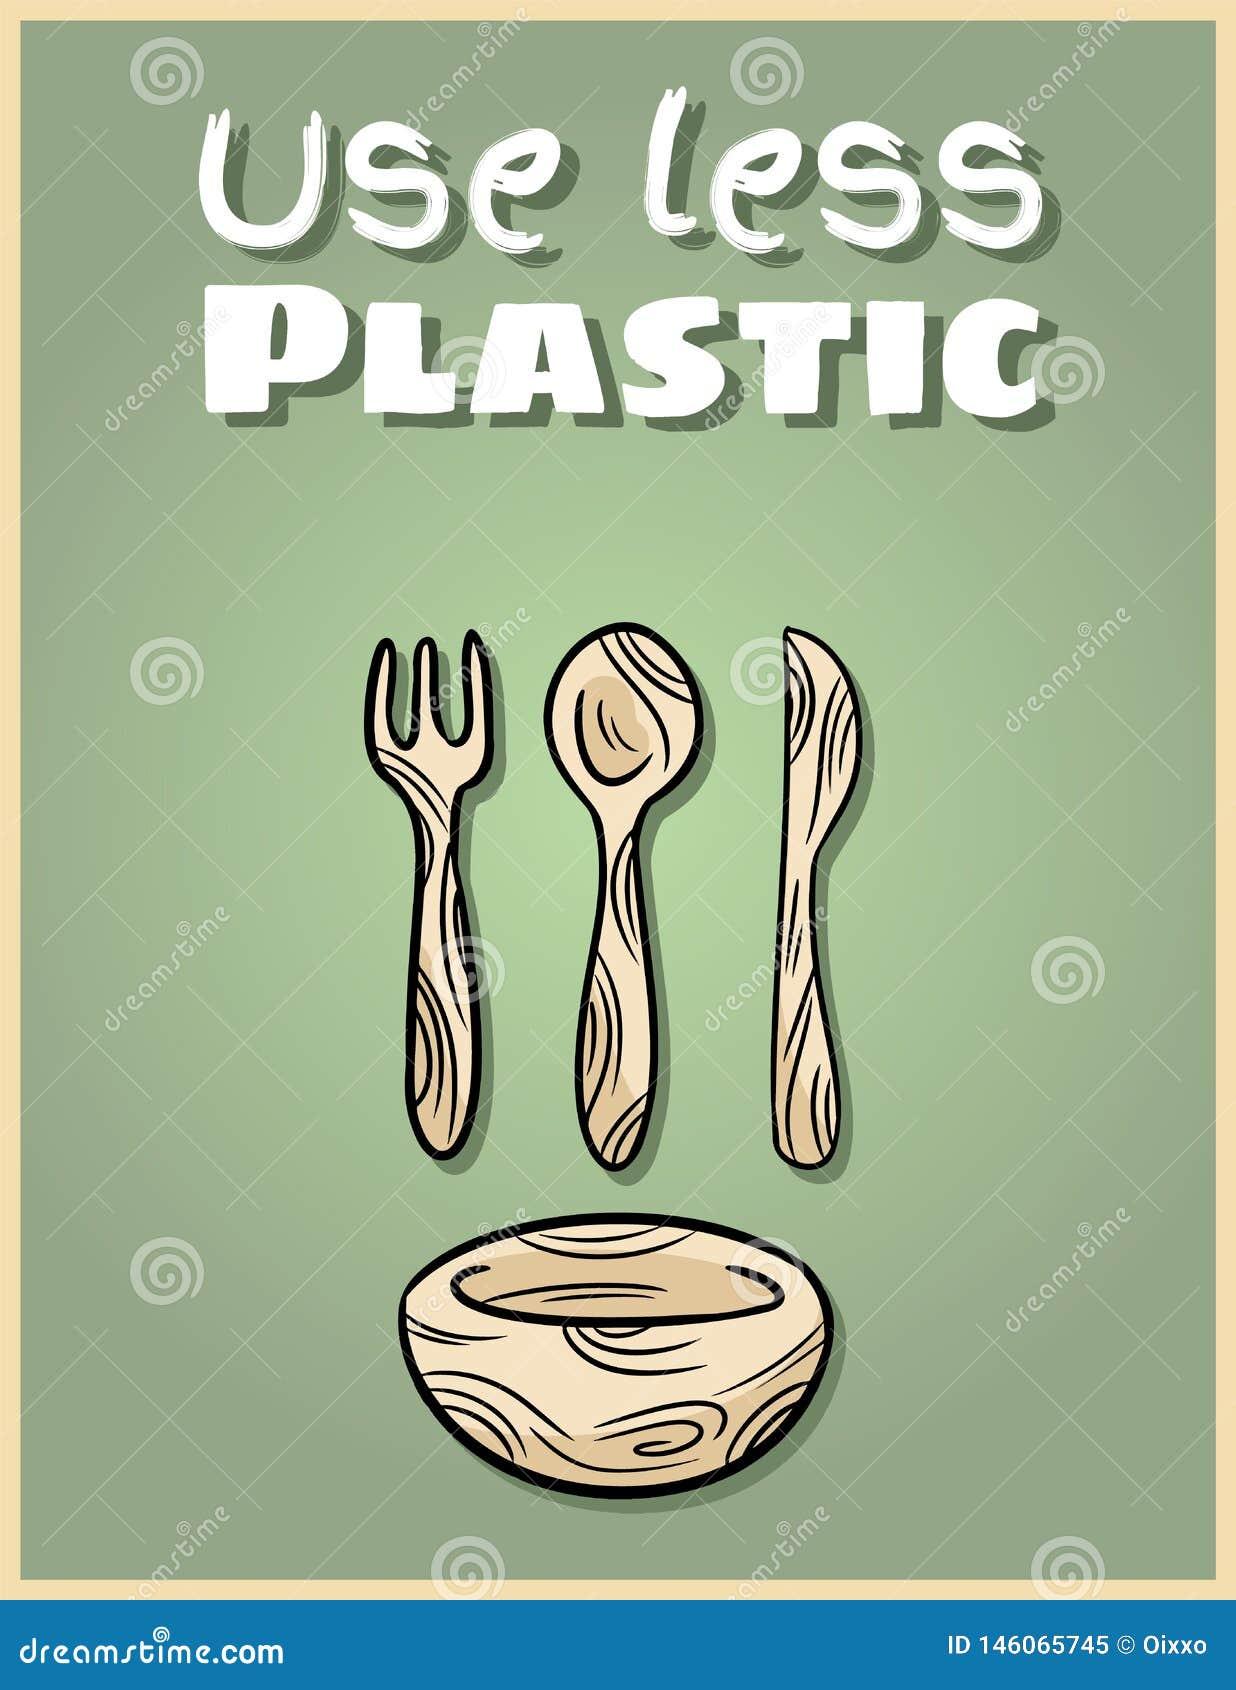 Используйте более менее пластиковый бамбуковый плакат посуды Мотивационная фраза Продукт экологических и нул-отхода Идет зеленое